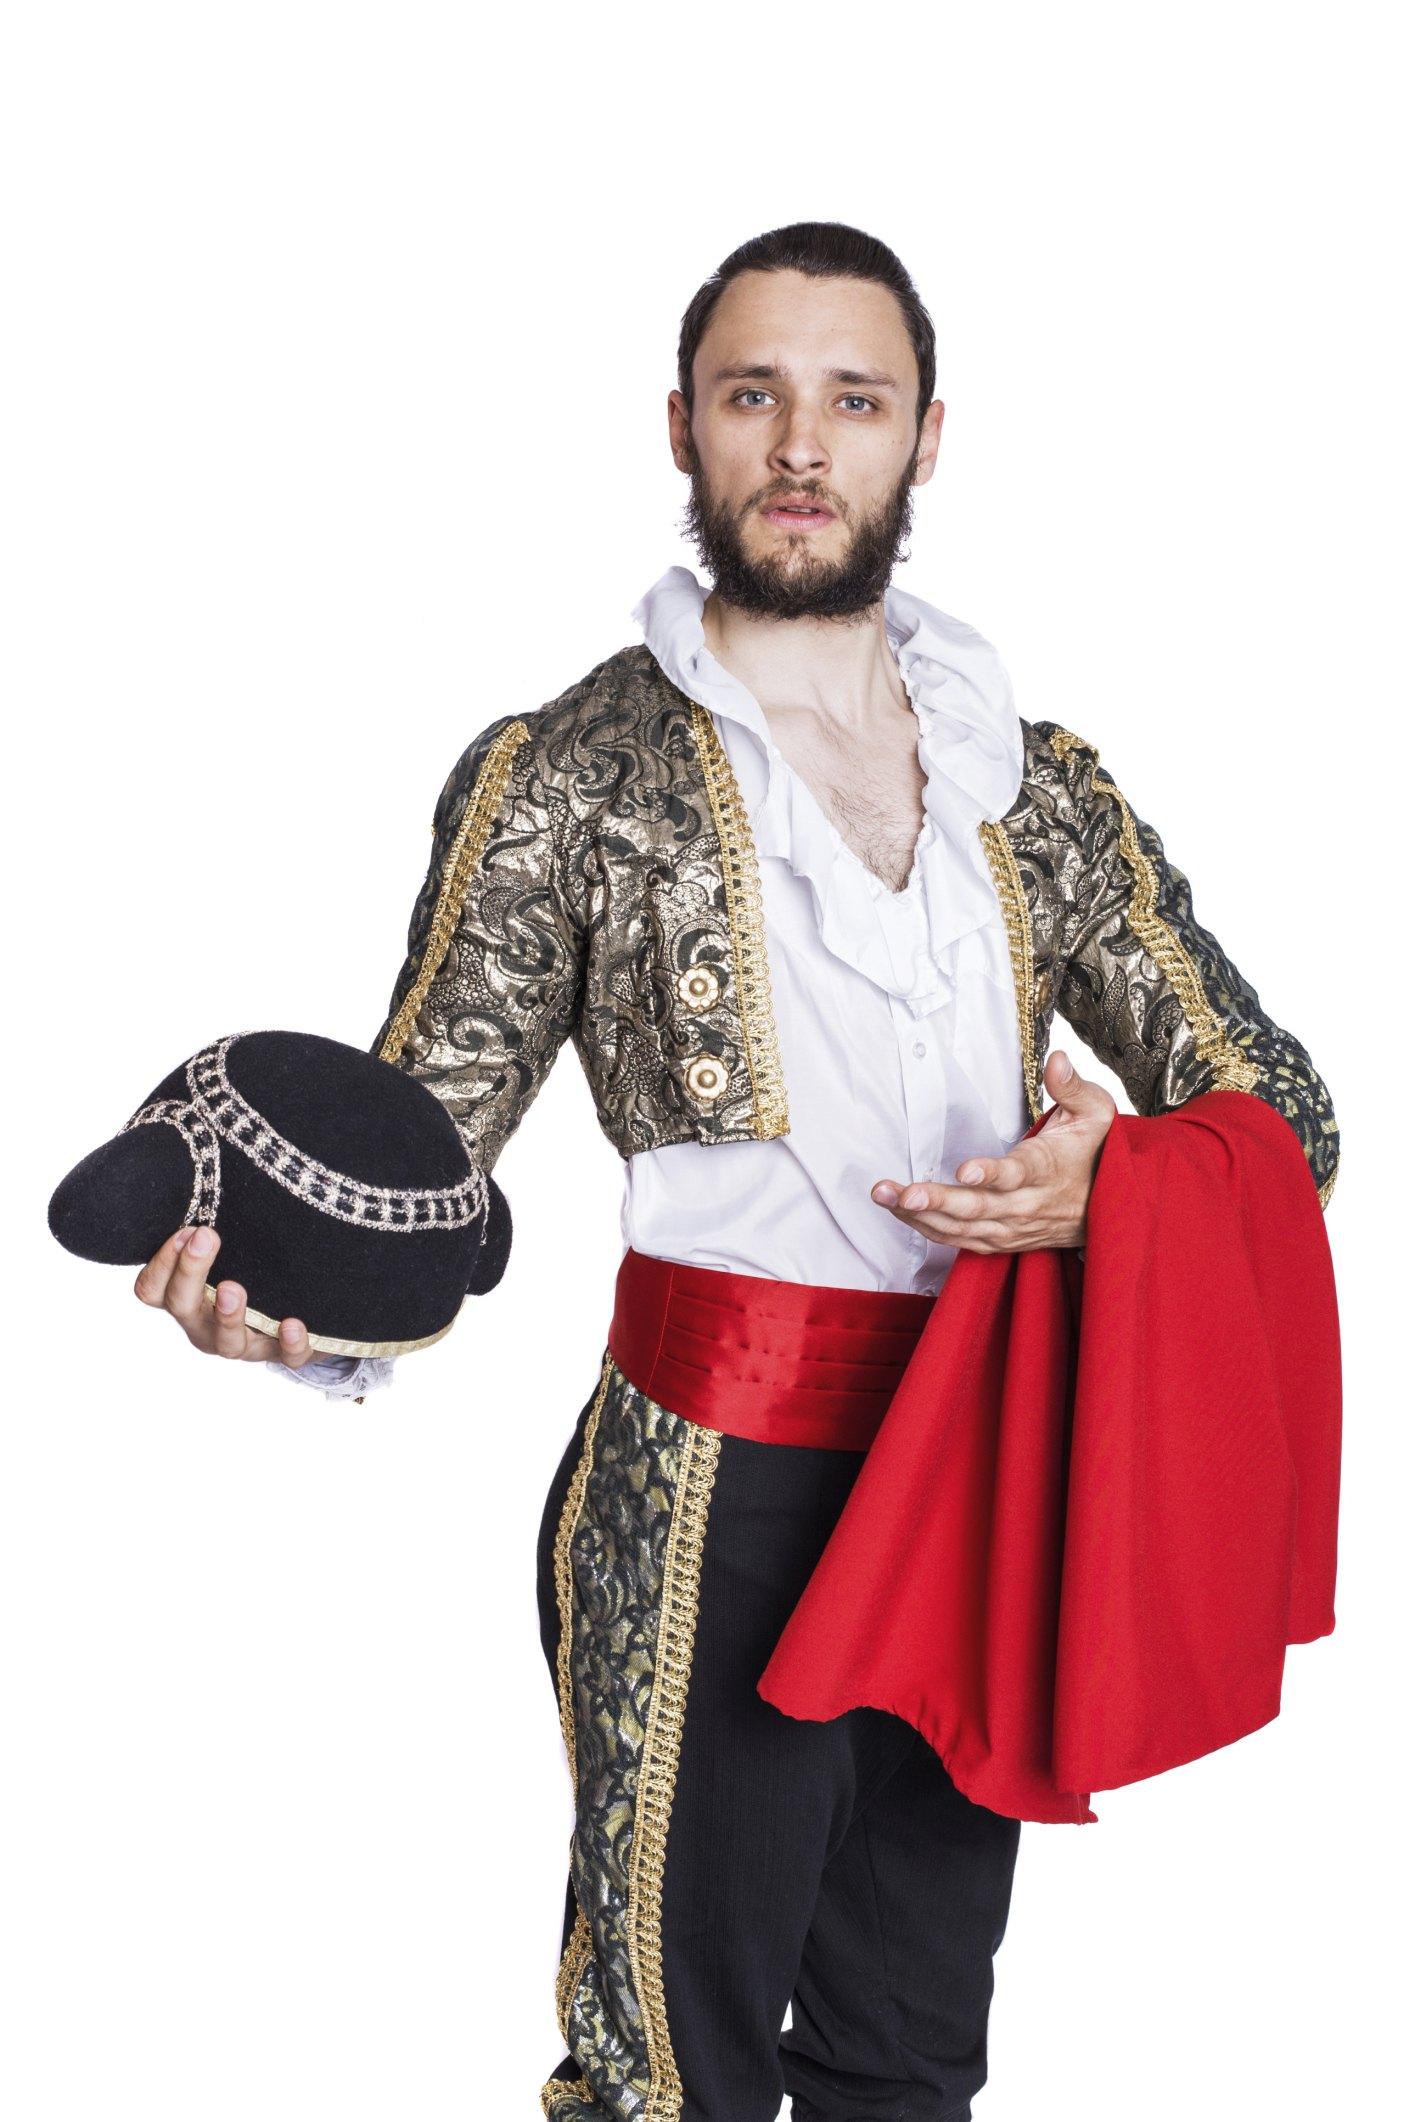 sc 1 st  eHow & How to Make a Matador Costume | eHow